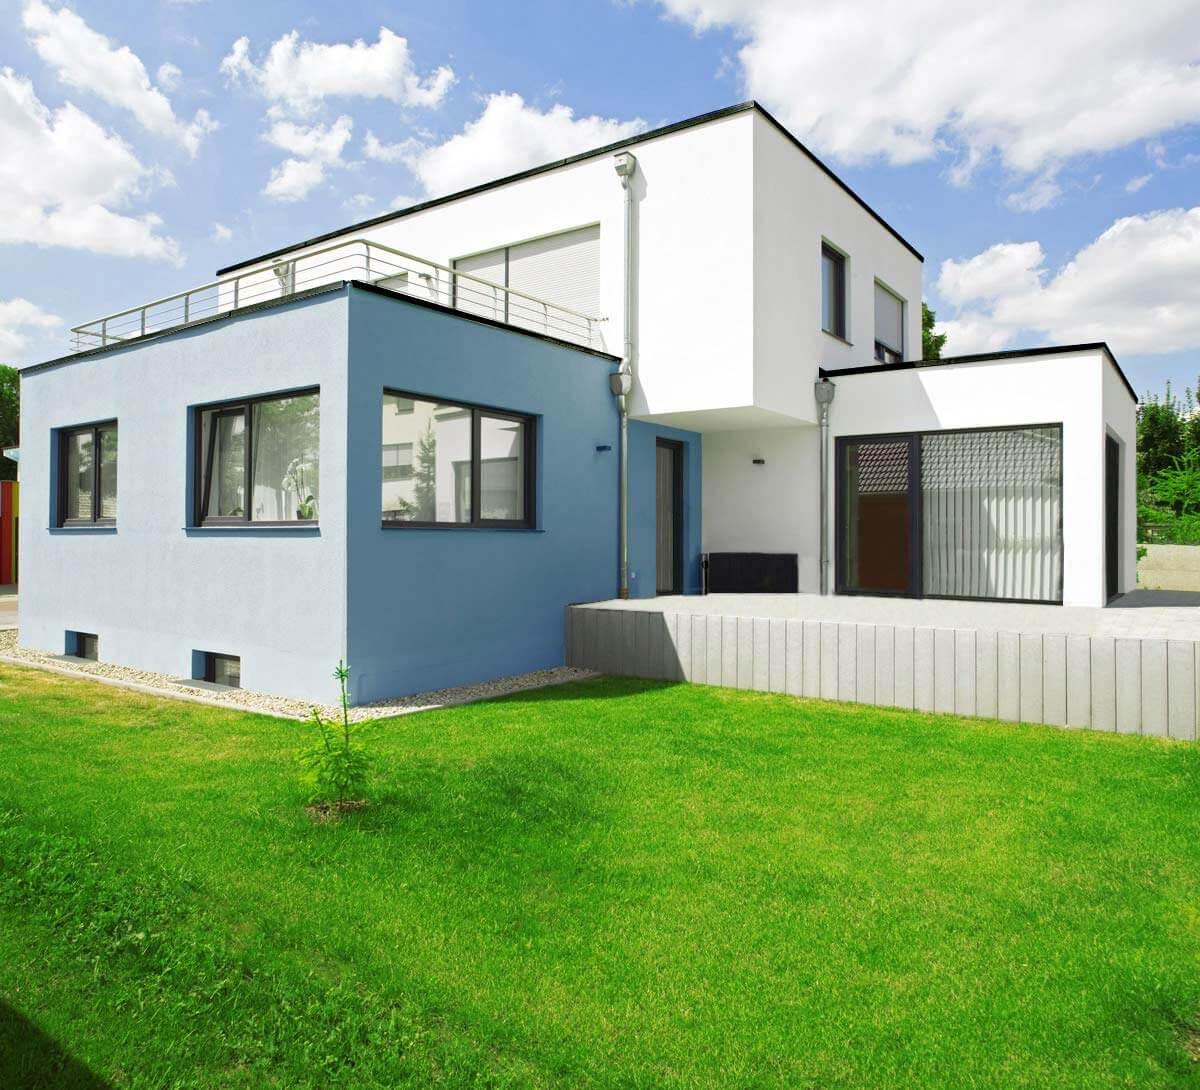 Freistellen Haus Retusche Spiegelung Fenster Garten Hintergrundmontage